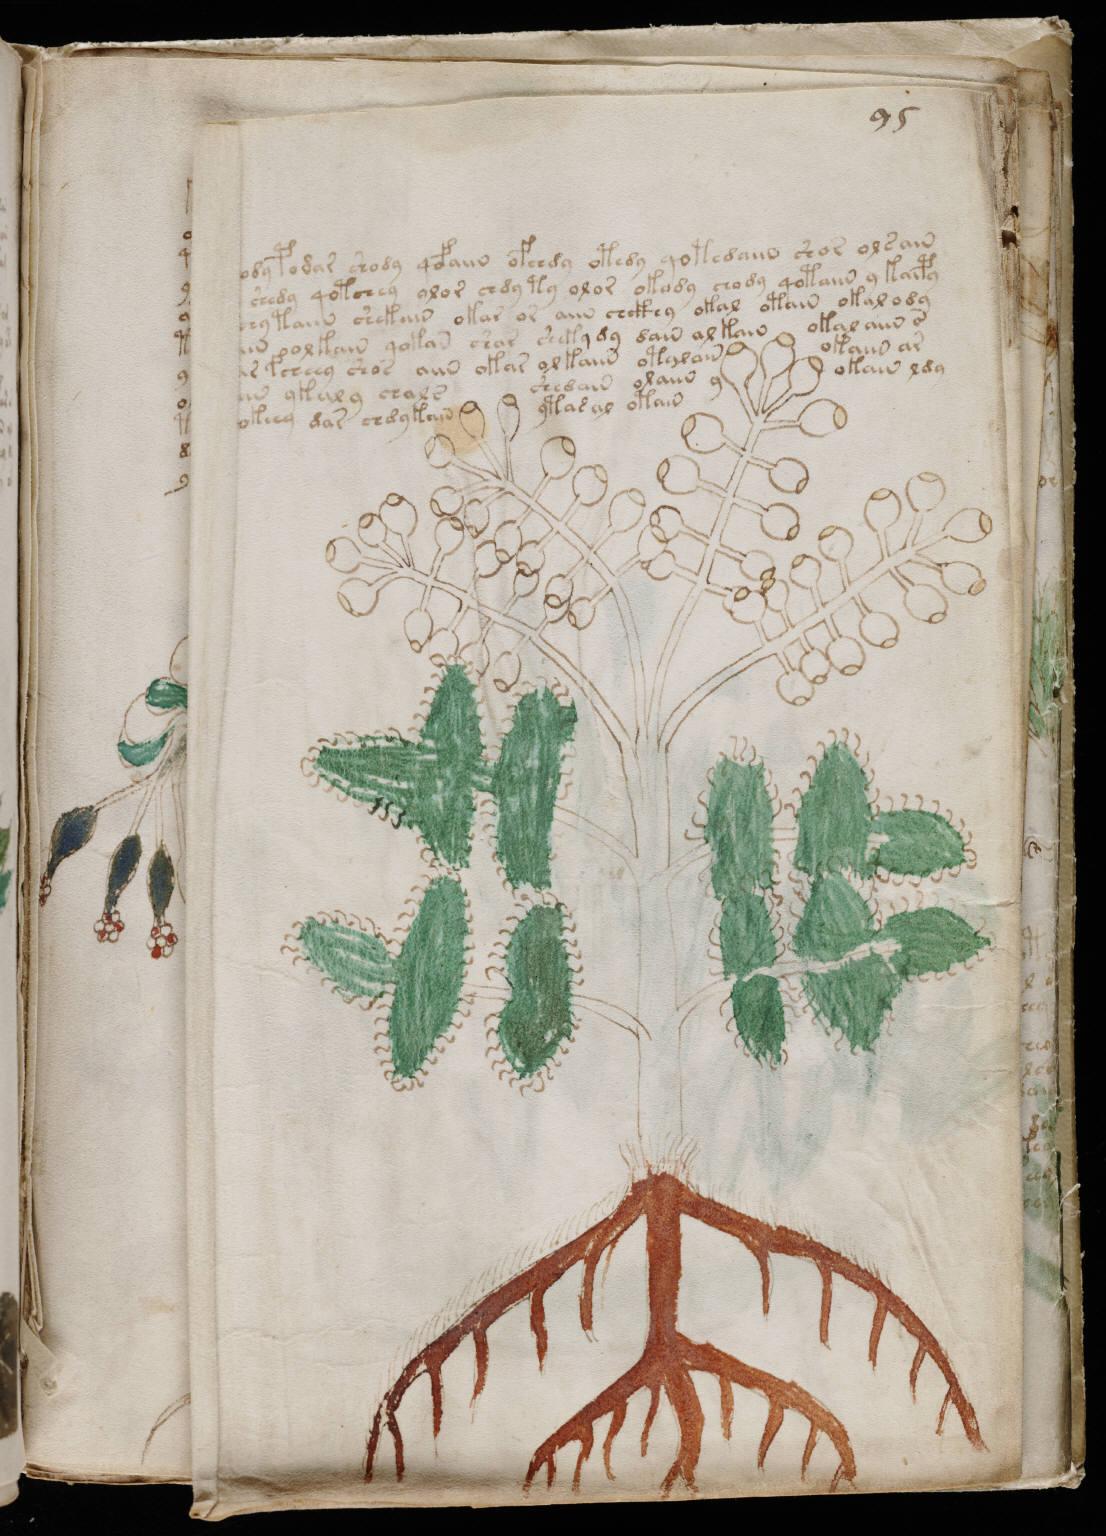 manuscrito169